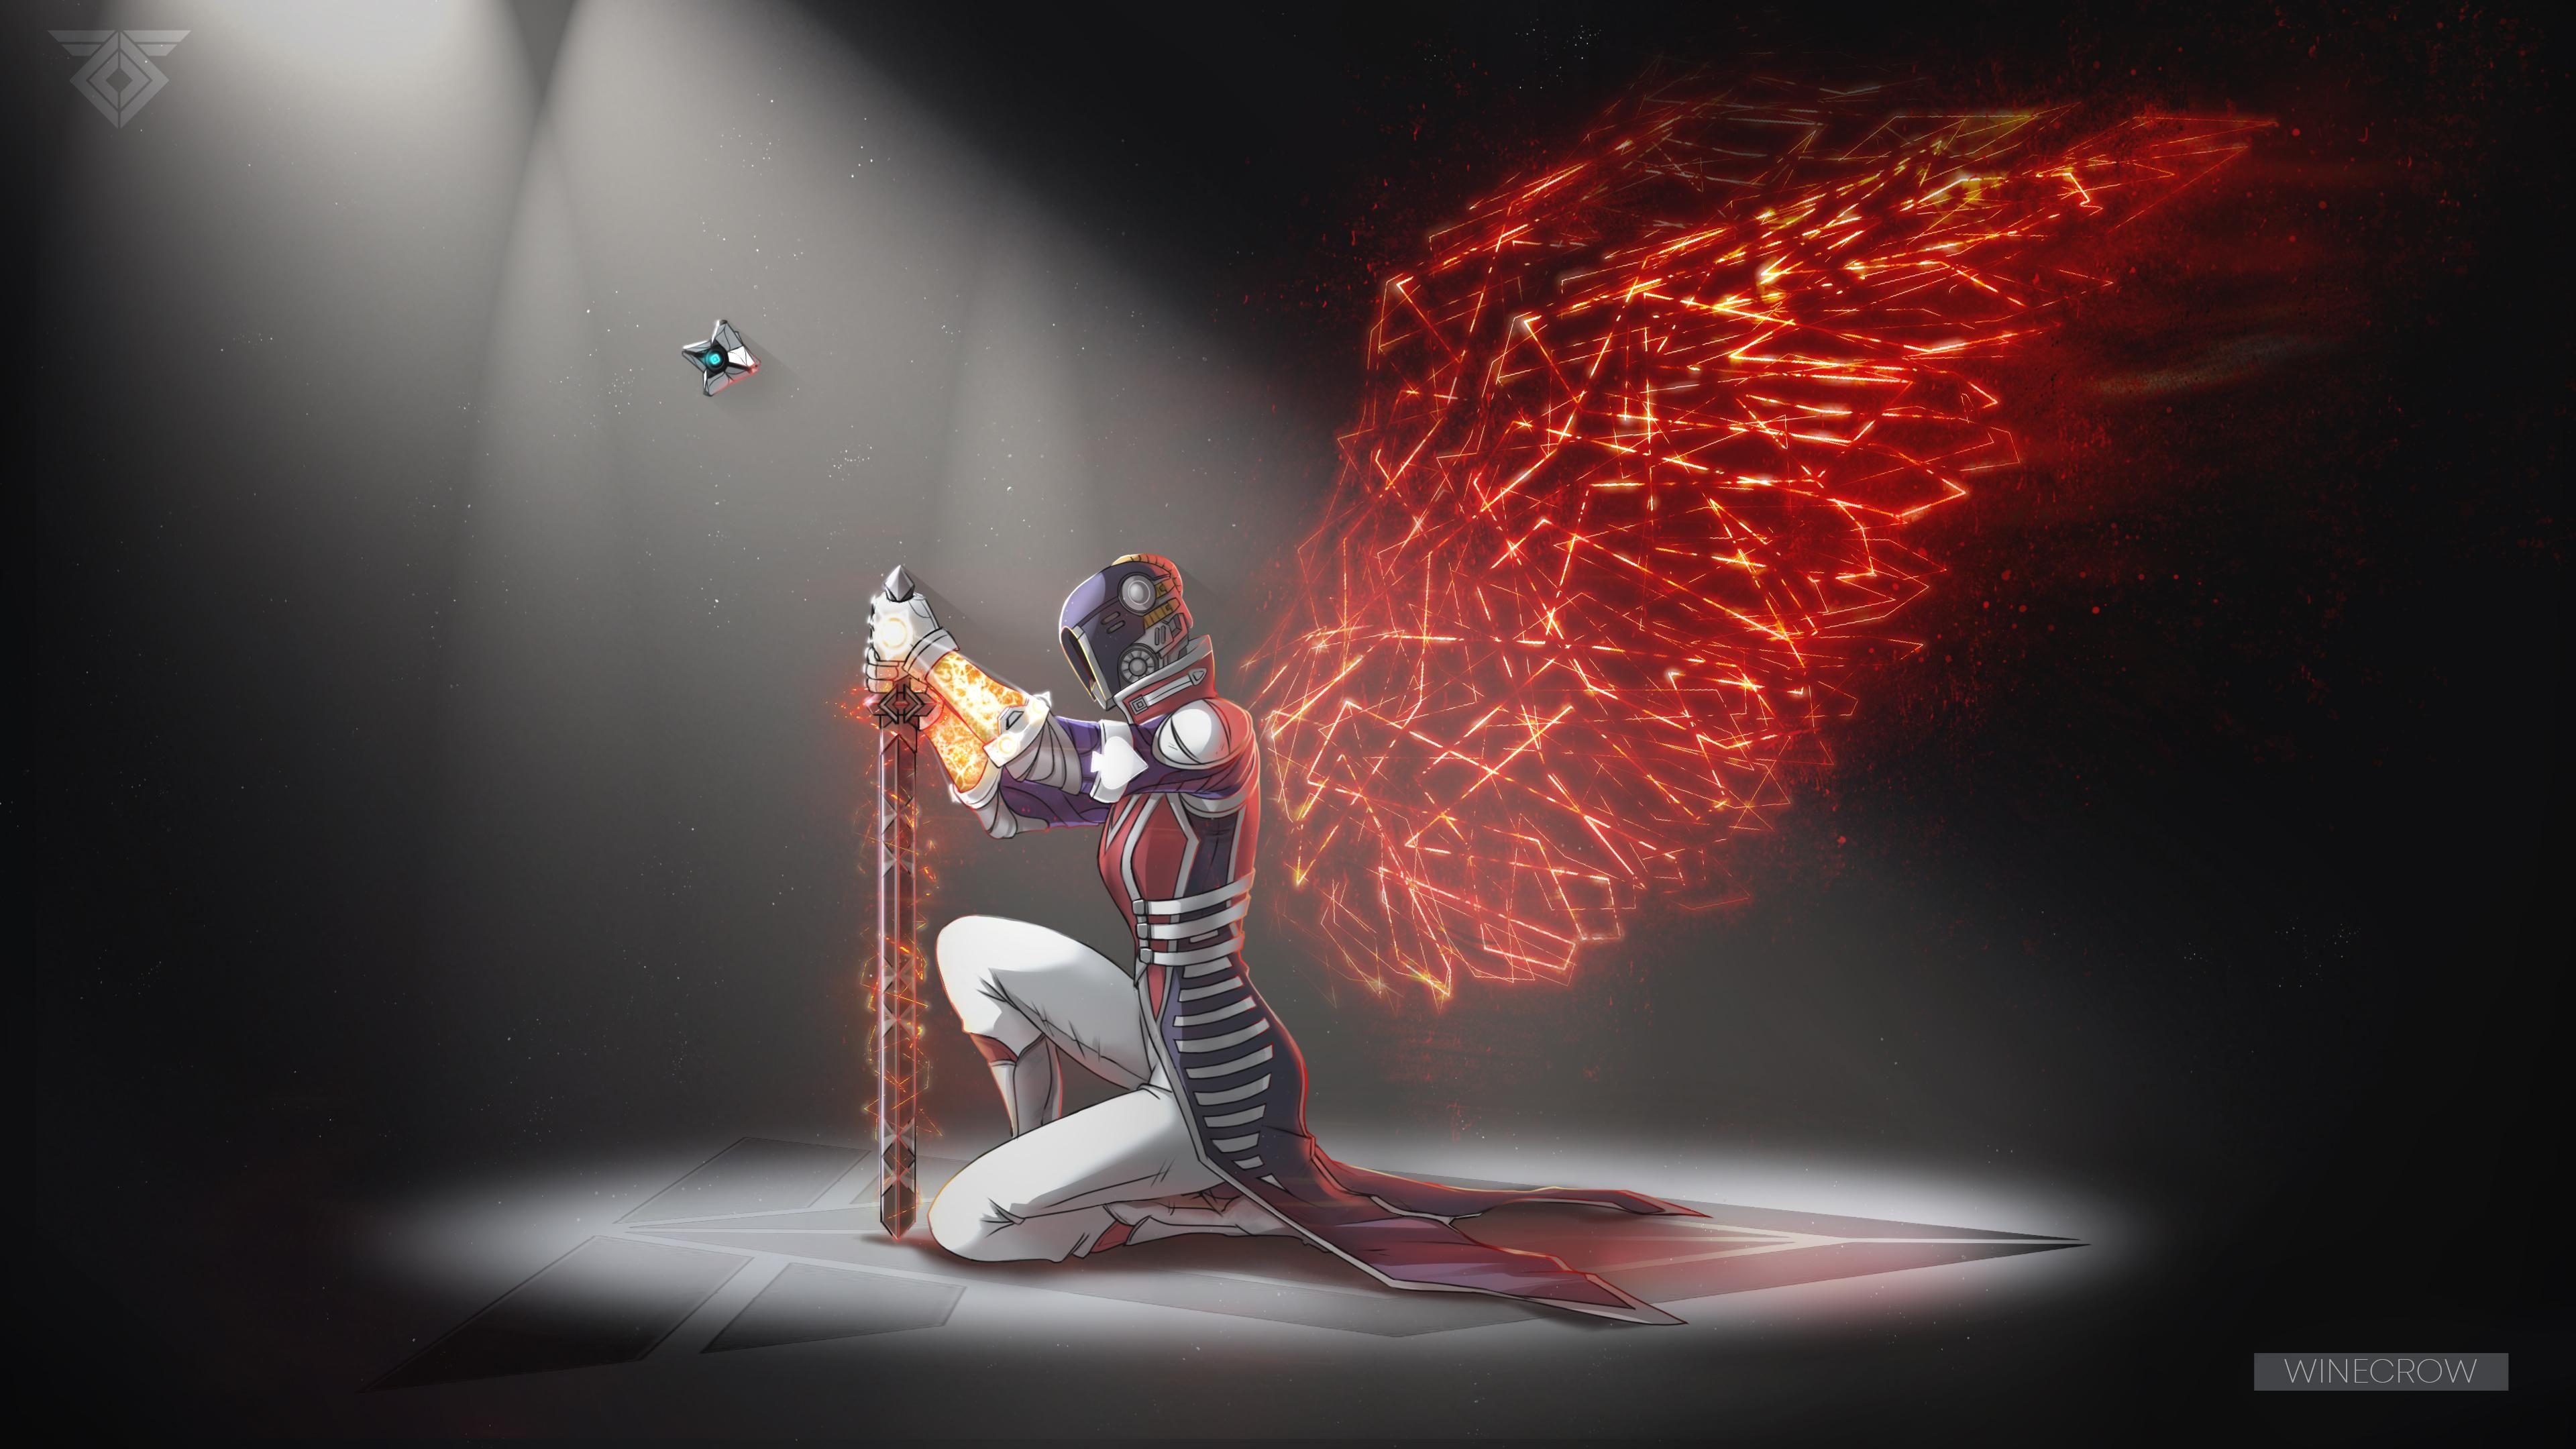 Warmind wings  Destiny 2  Warlock  Ghost  Anastasia Bray